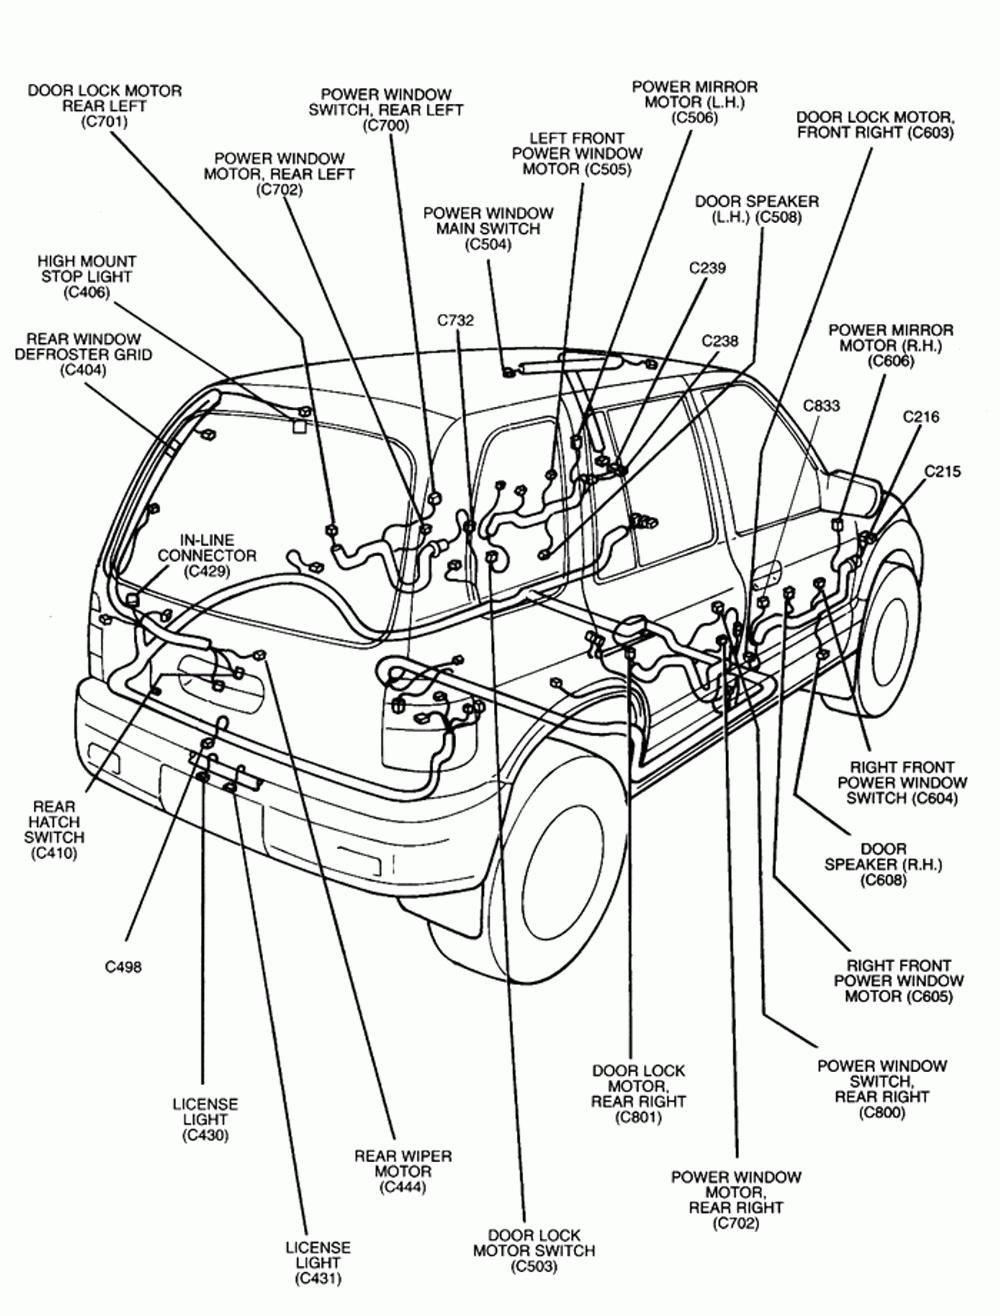 Astounding Diagram Kia Sportage Fuse Box Diagram Vw Beetle Fuse Box Diagram Kia Wiring Cloud Rometaidewilluminateatxorg